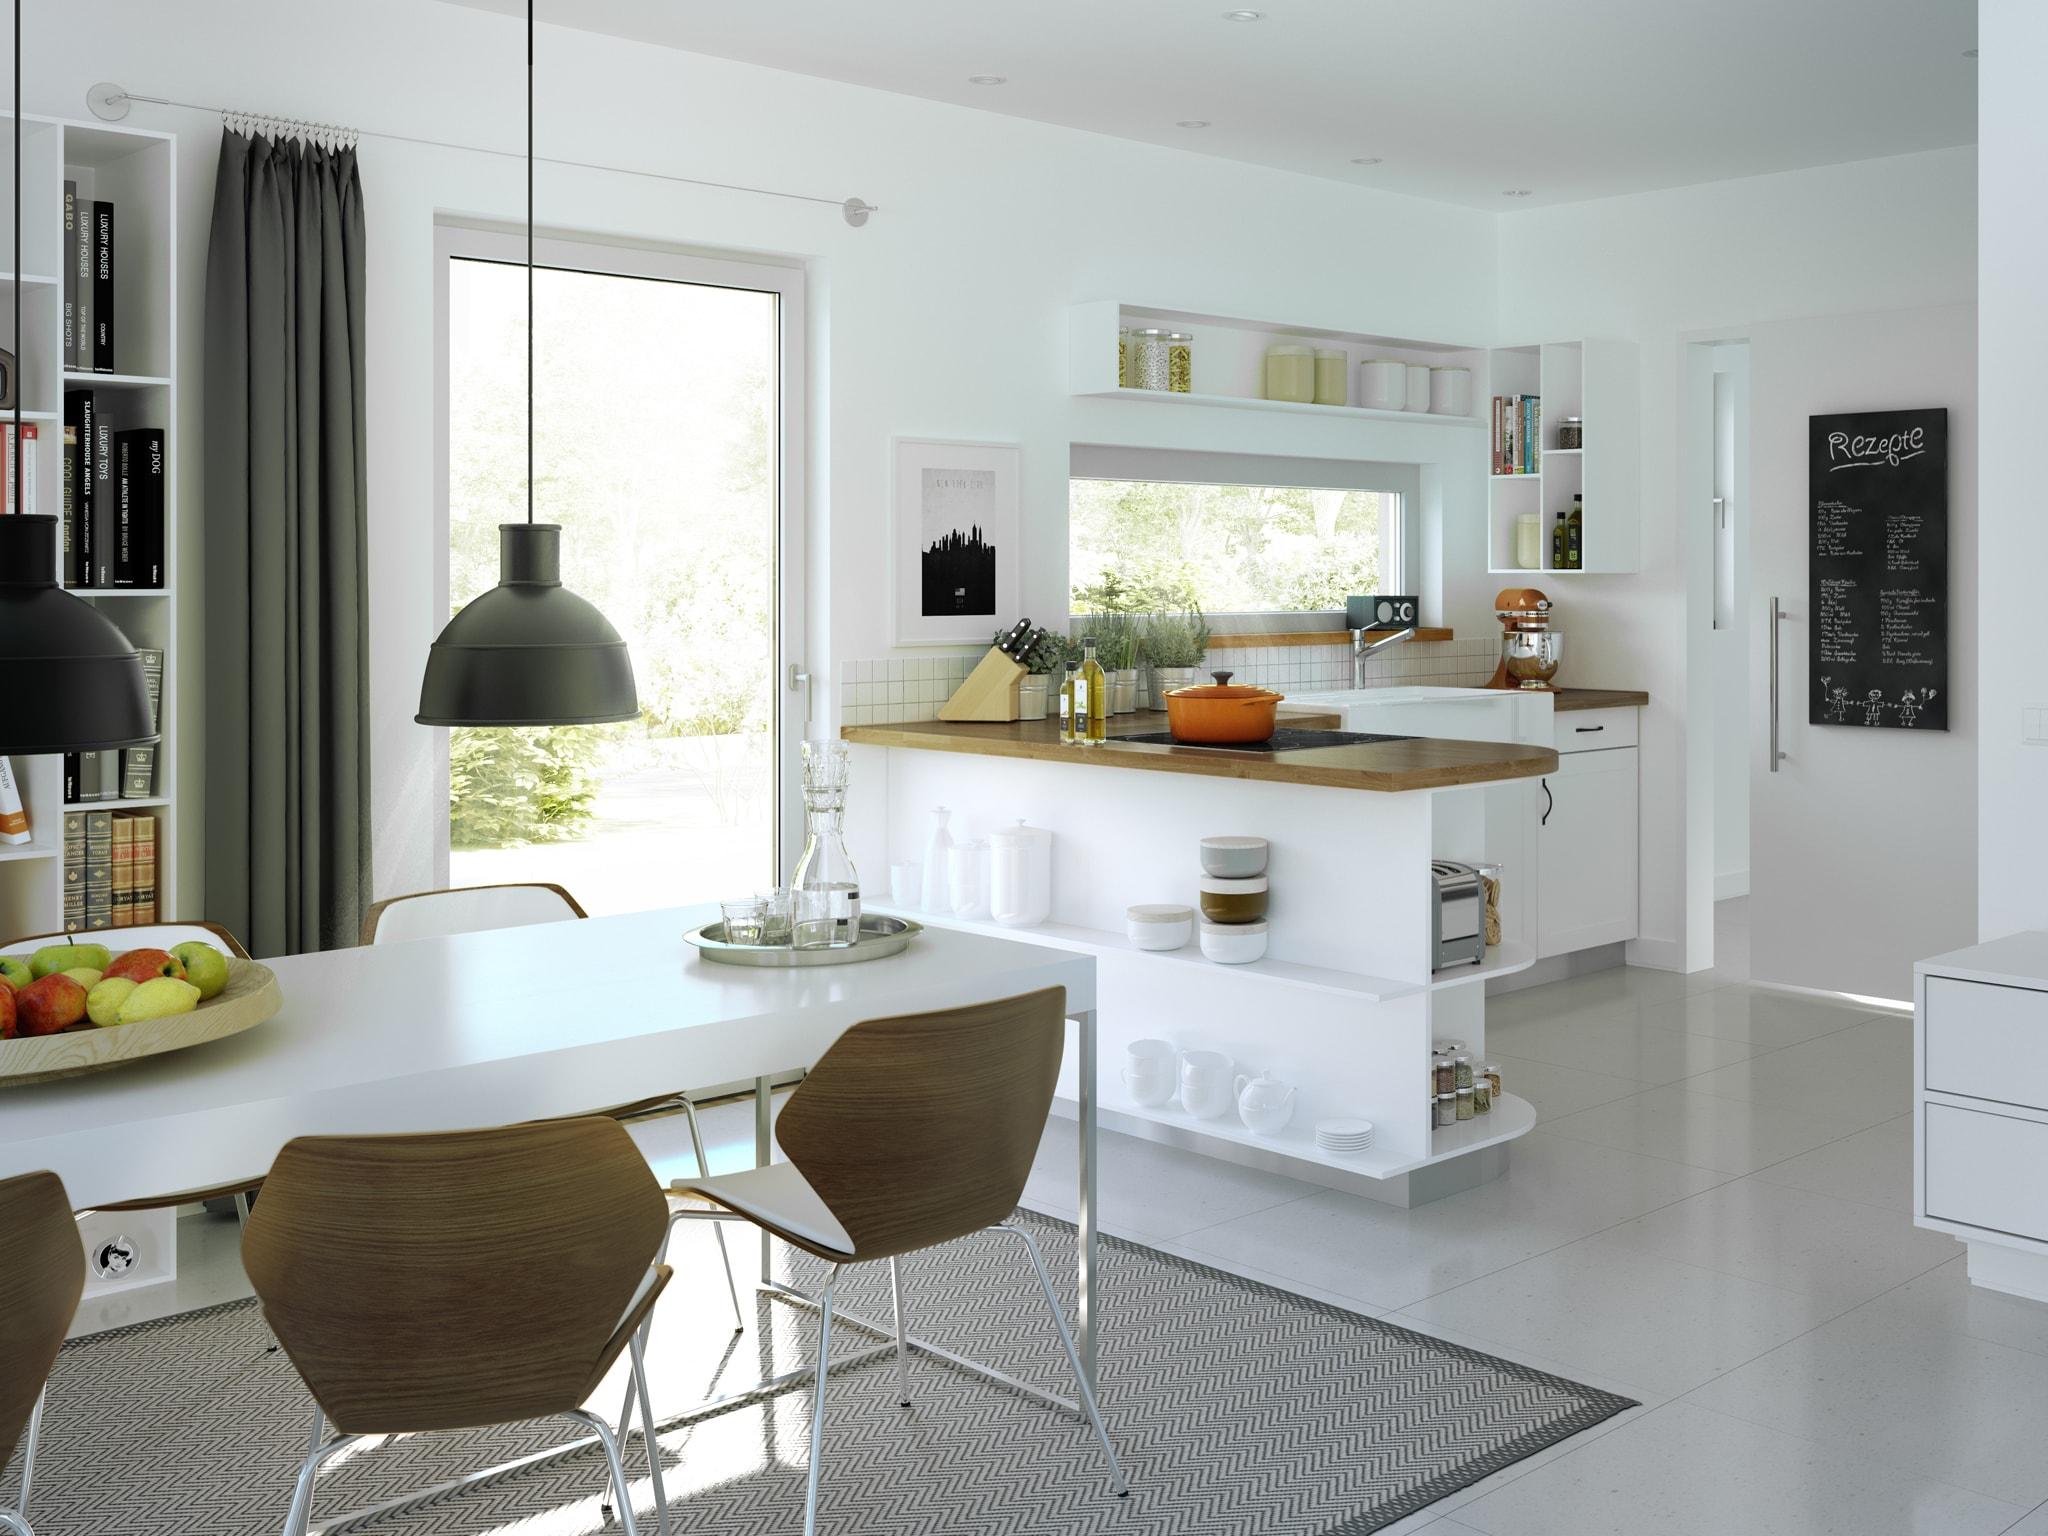 Offene Küche modern mit Essbereich - Ideen Inneneinrichtung Fertighaus SUNSHINE 165 V4 von Living Haus - HausbauDirekt.de